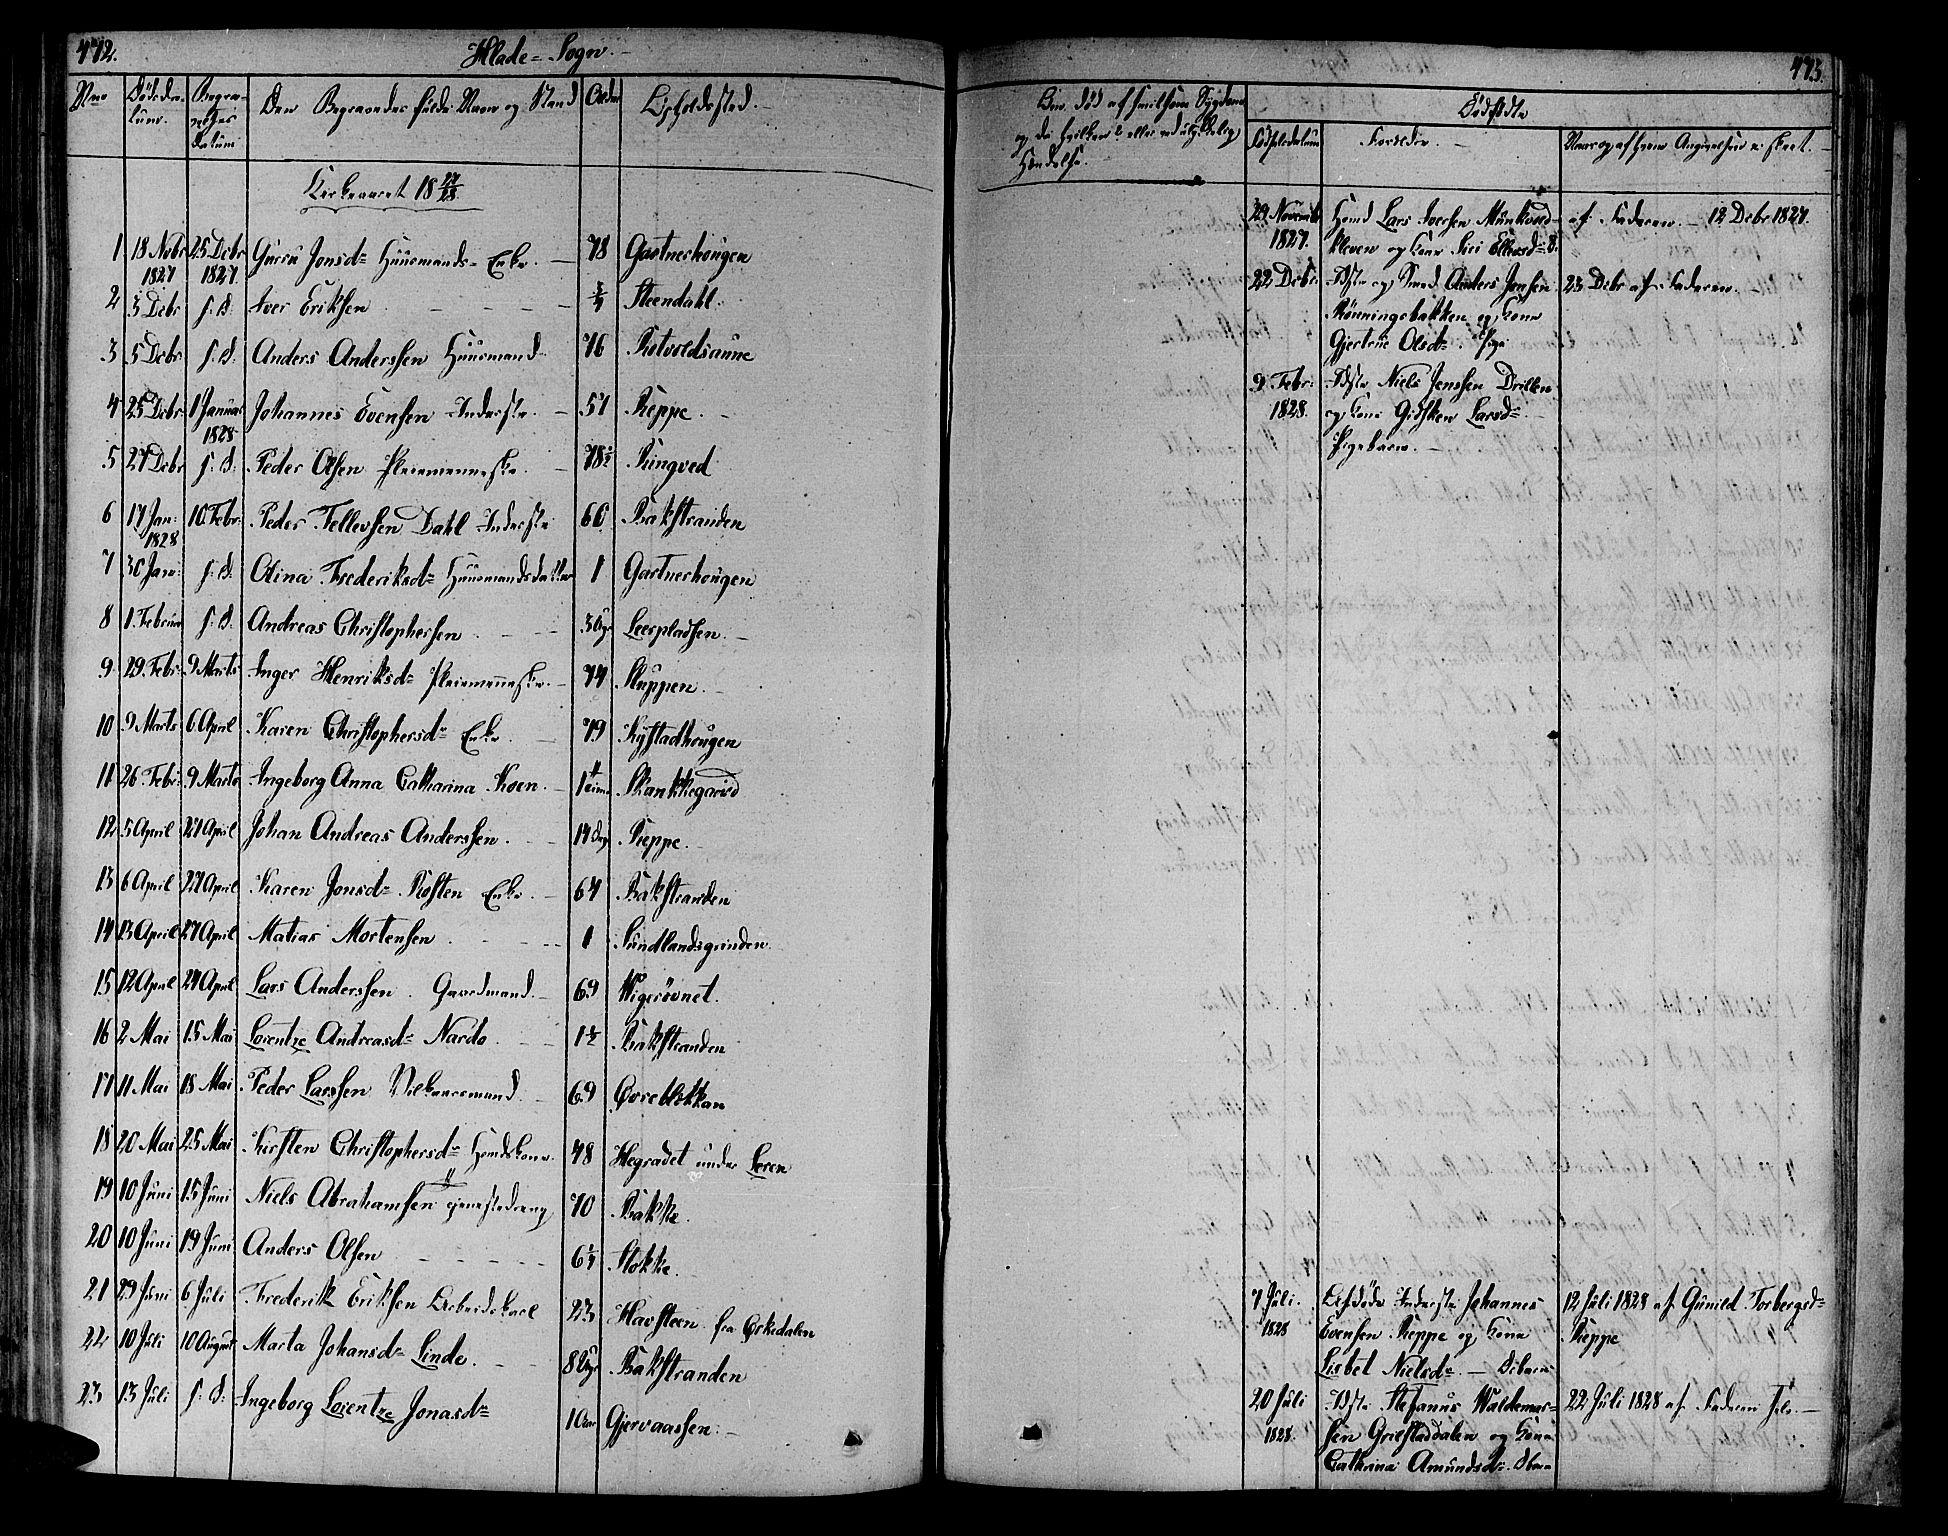 SAT, Ministerialprotokoller, klokkerbøker og fødselsregistre - Sør-Trøndelag, 606/L0286: Ministerialbok nr. 606A04 /1, 1823-1840, s. 473